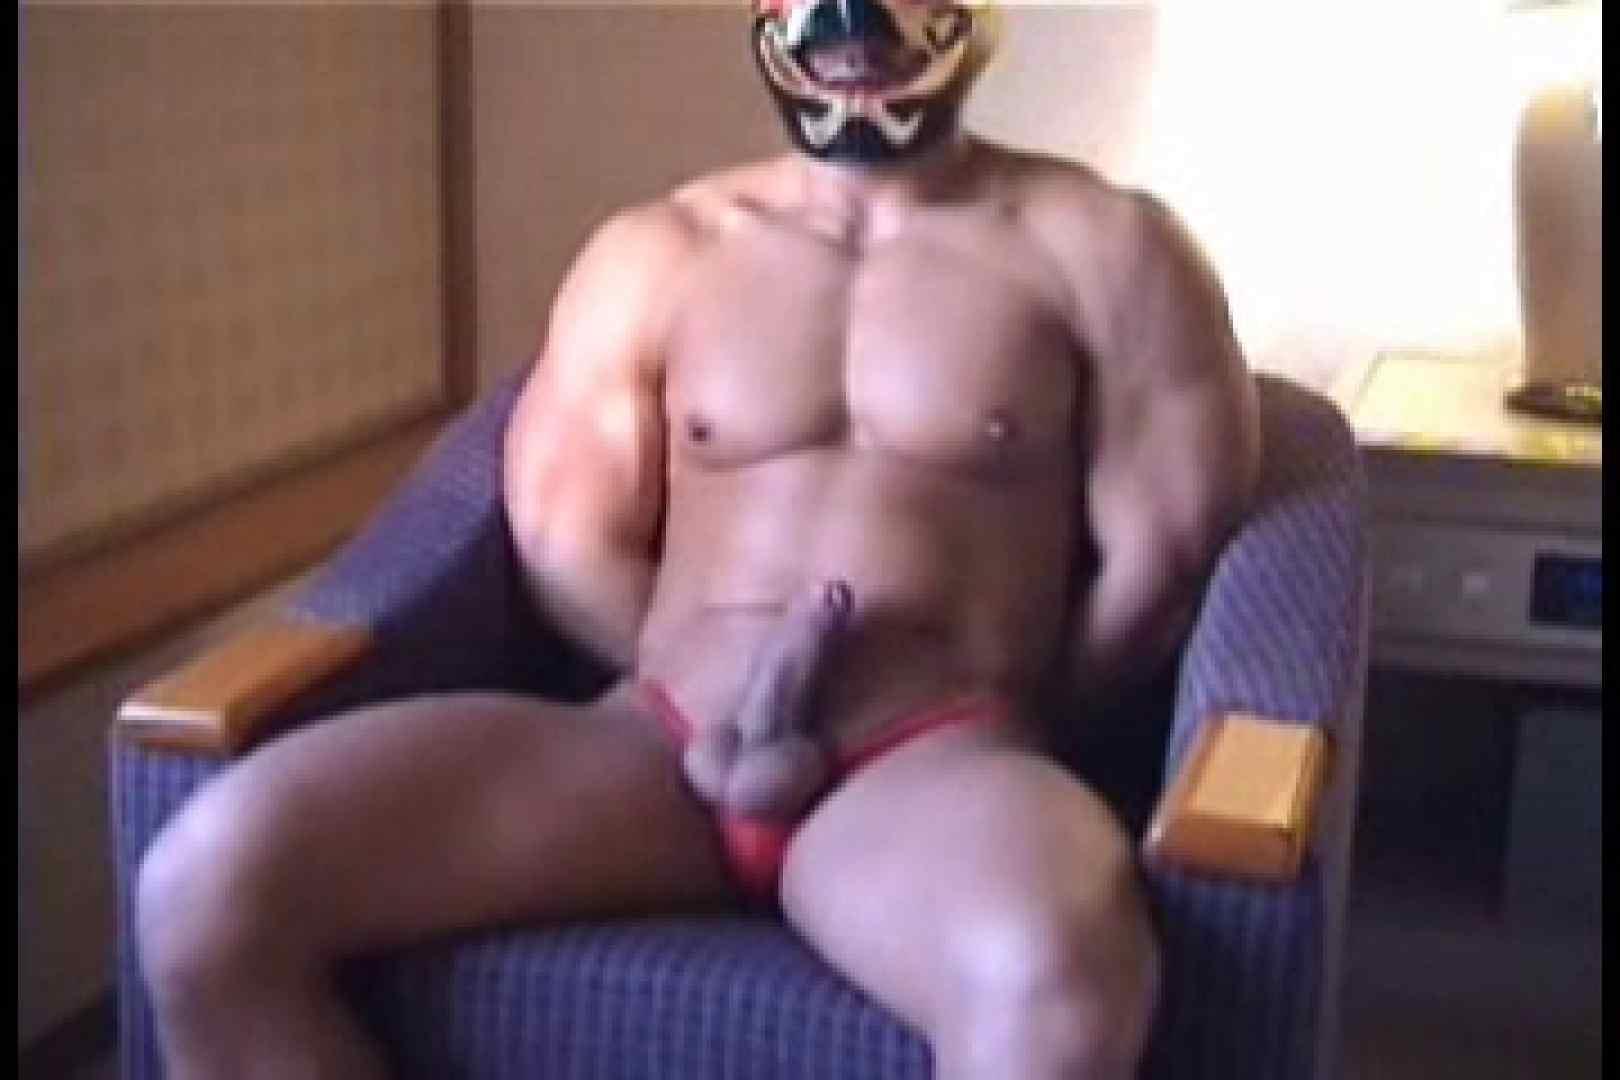 性器の味方ムキムキ覆面マッチョマン 肉  7枚 6